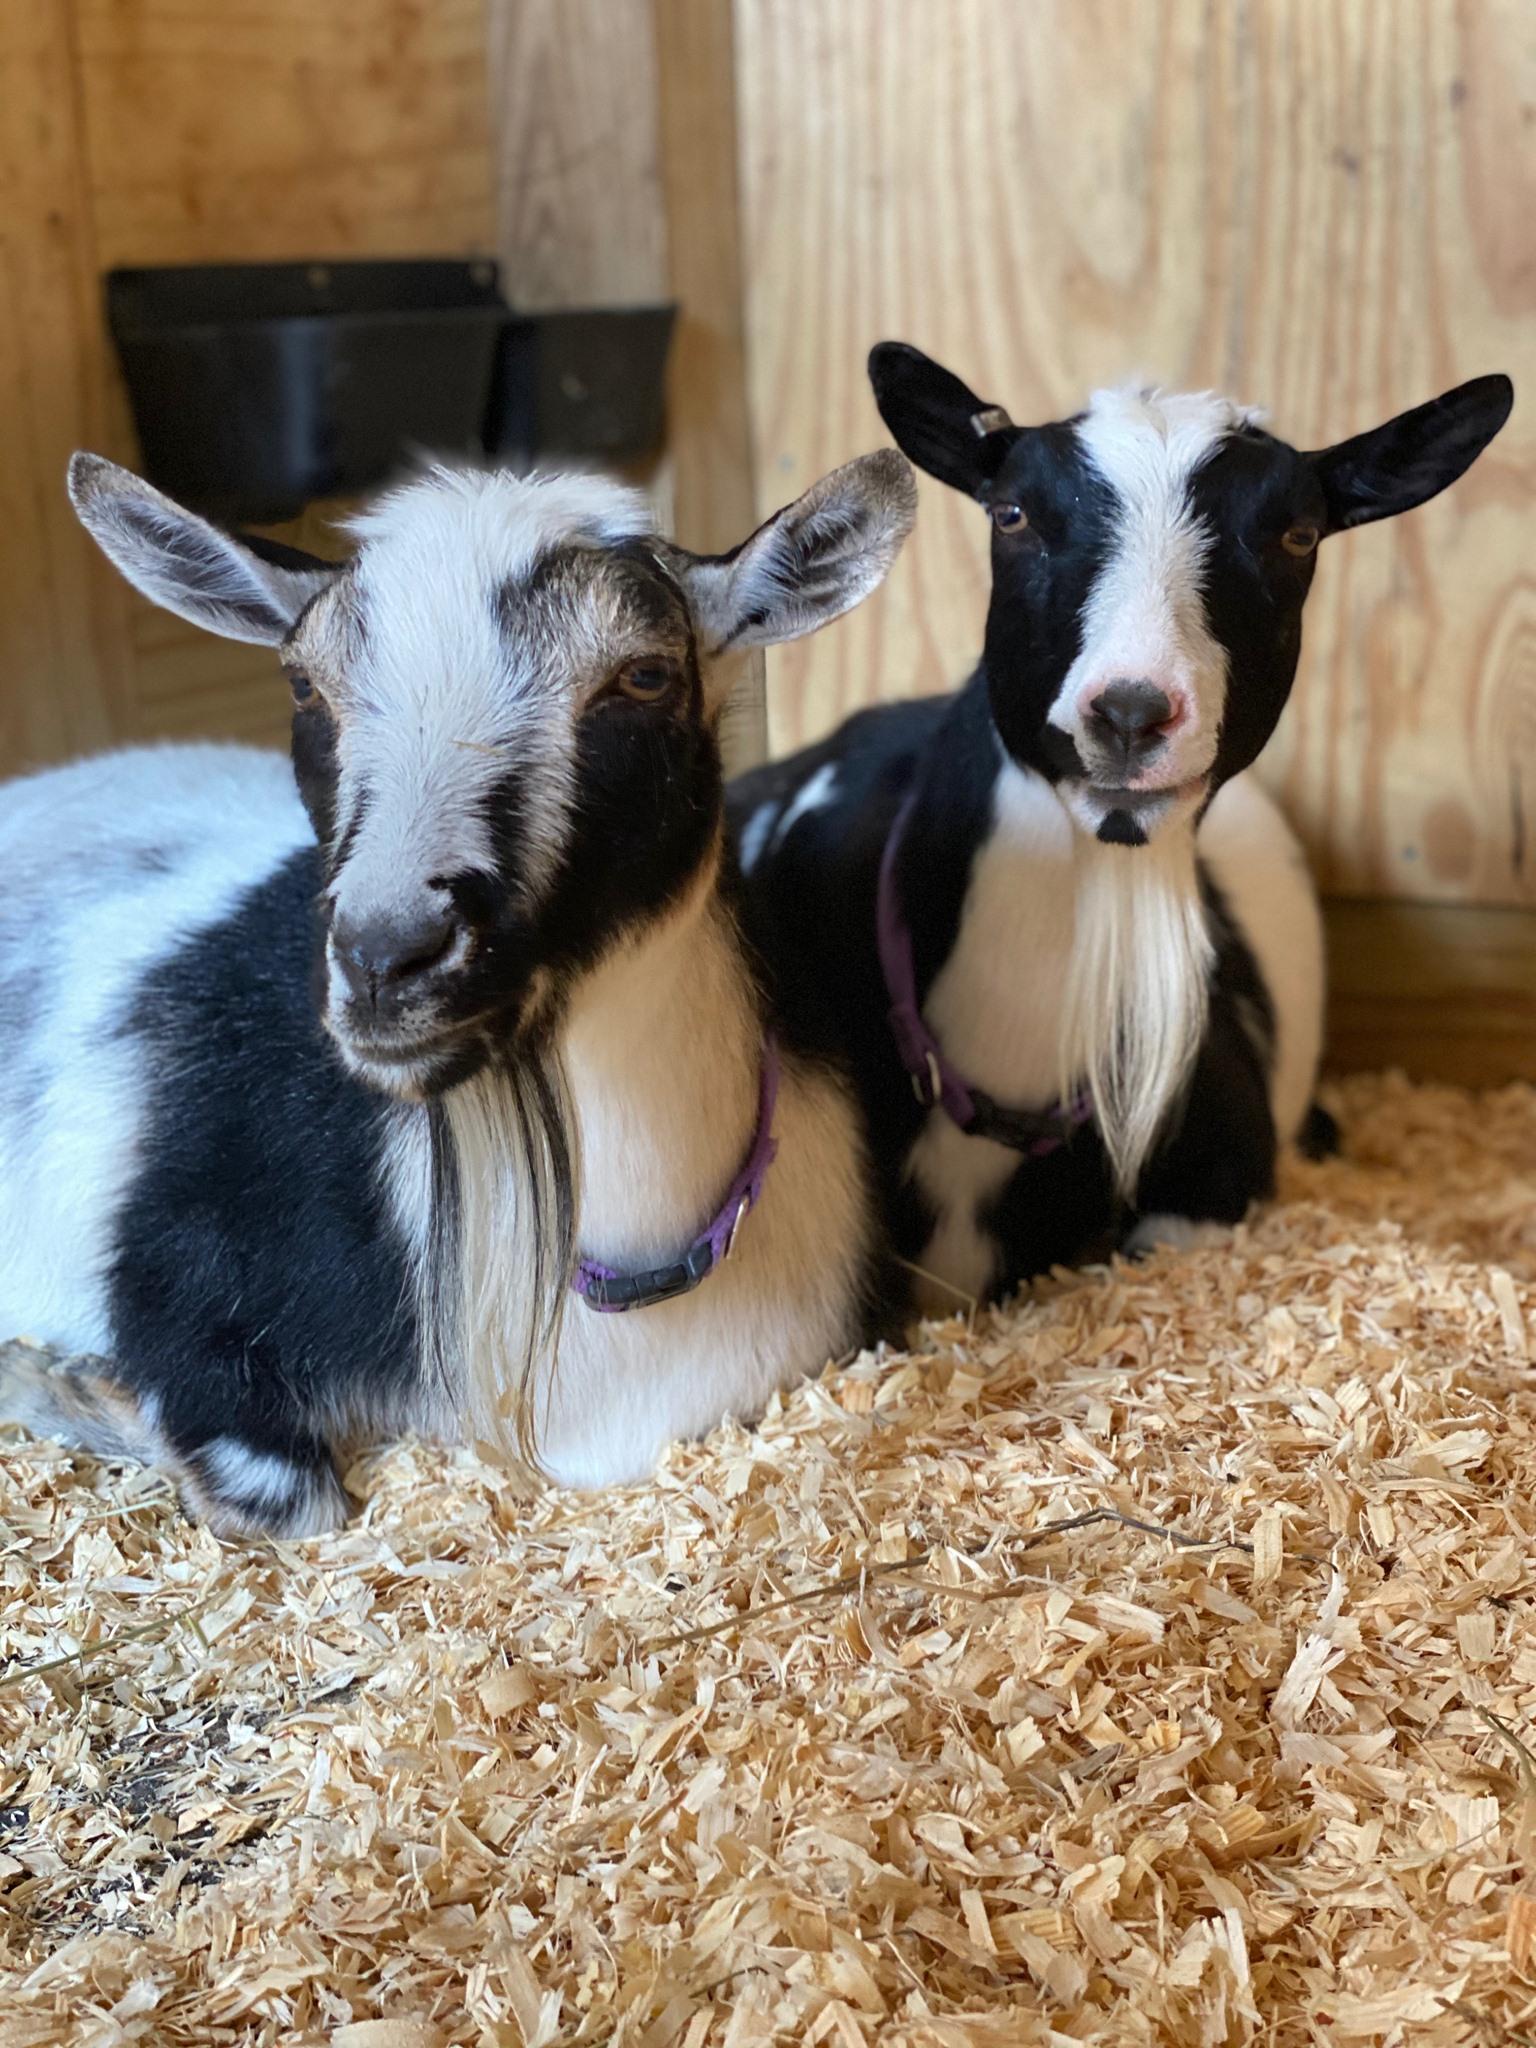 Kasl and Naphtali the Pygmy Goats